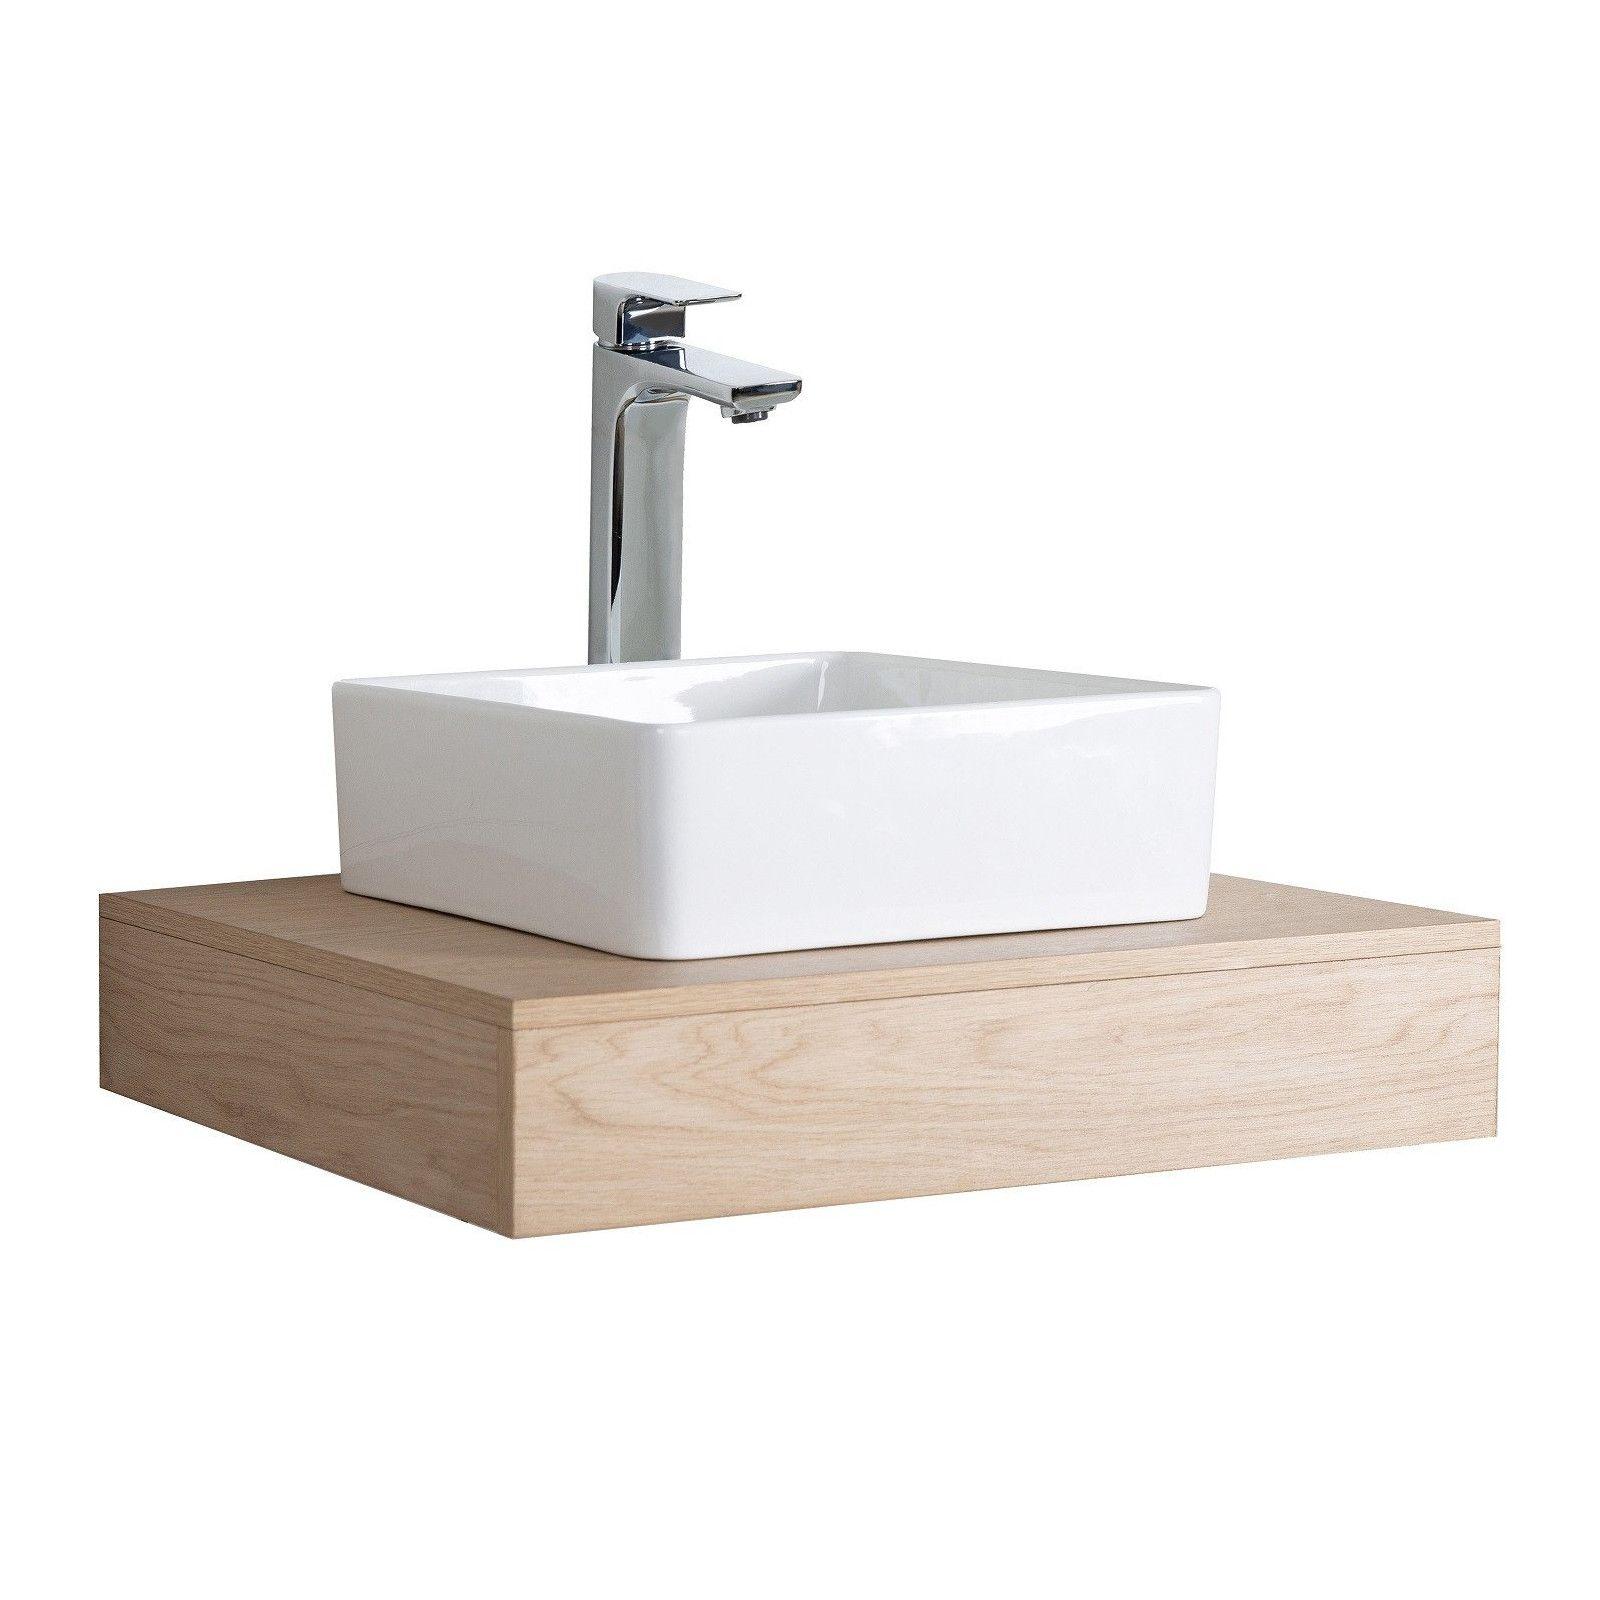 Meuble de Salle de Bain WILL - Plan suspendu 60 cm + Vasque + Miroir + Meuble tiroir + Equerres